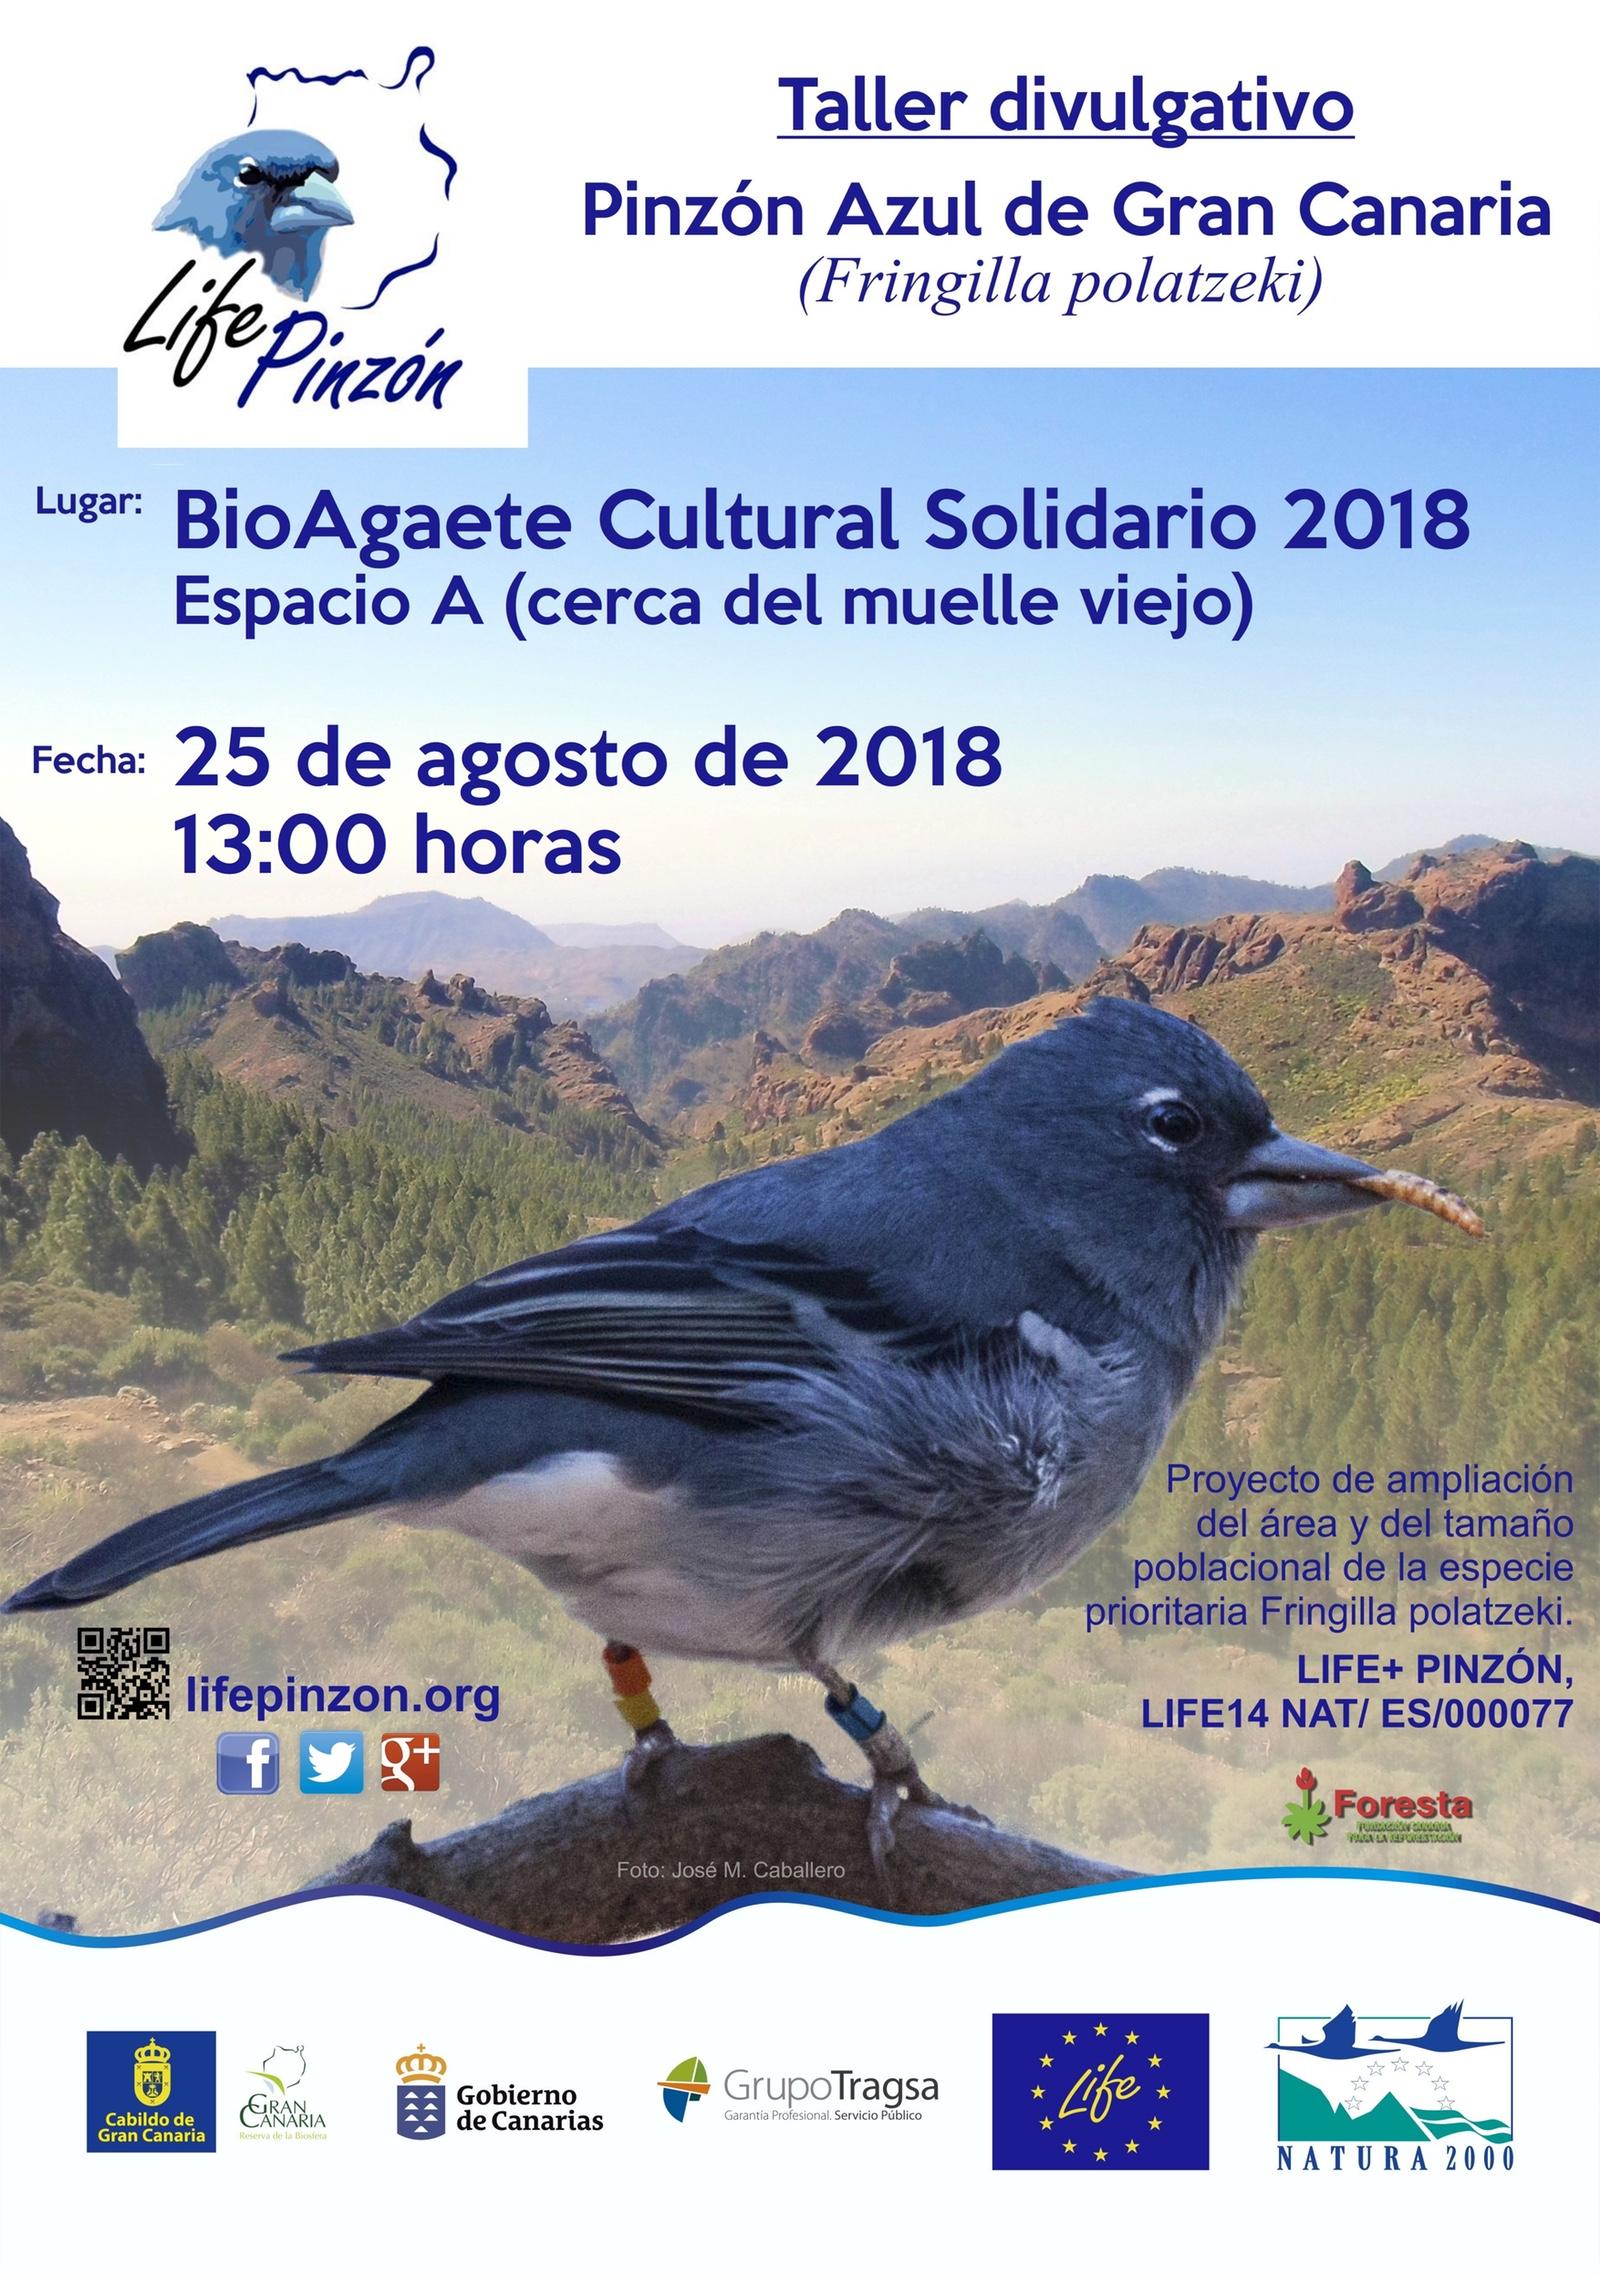 Charla divulgativa en el Festival BioAgaete Cultural Solidario 2018